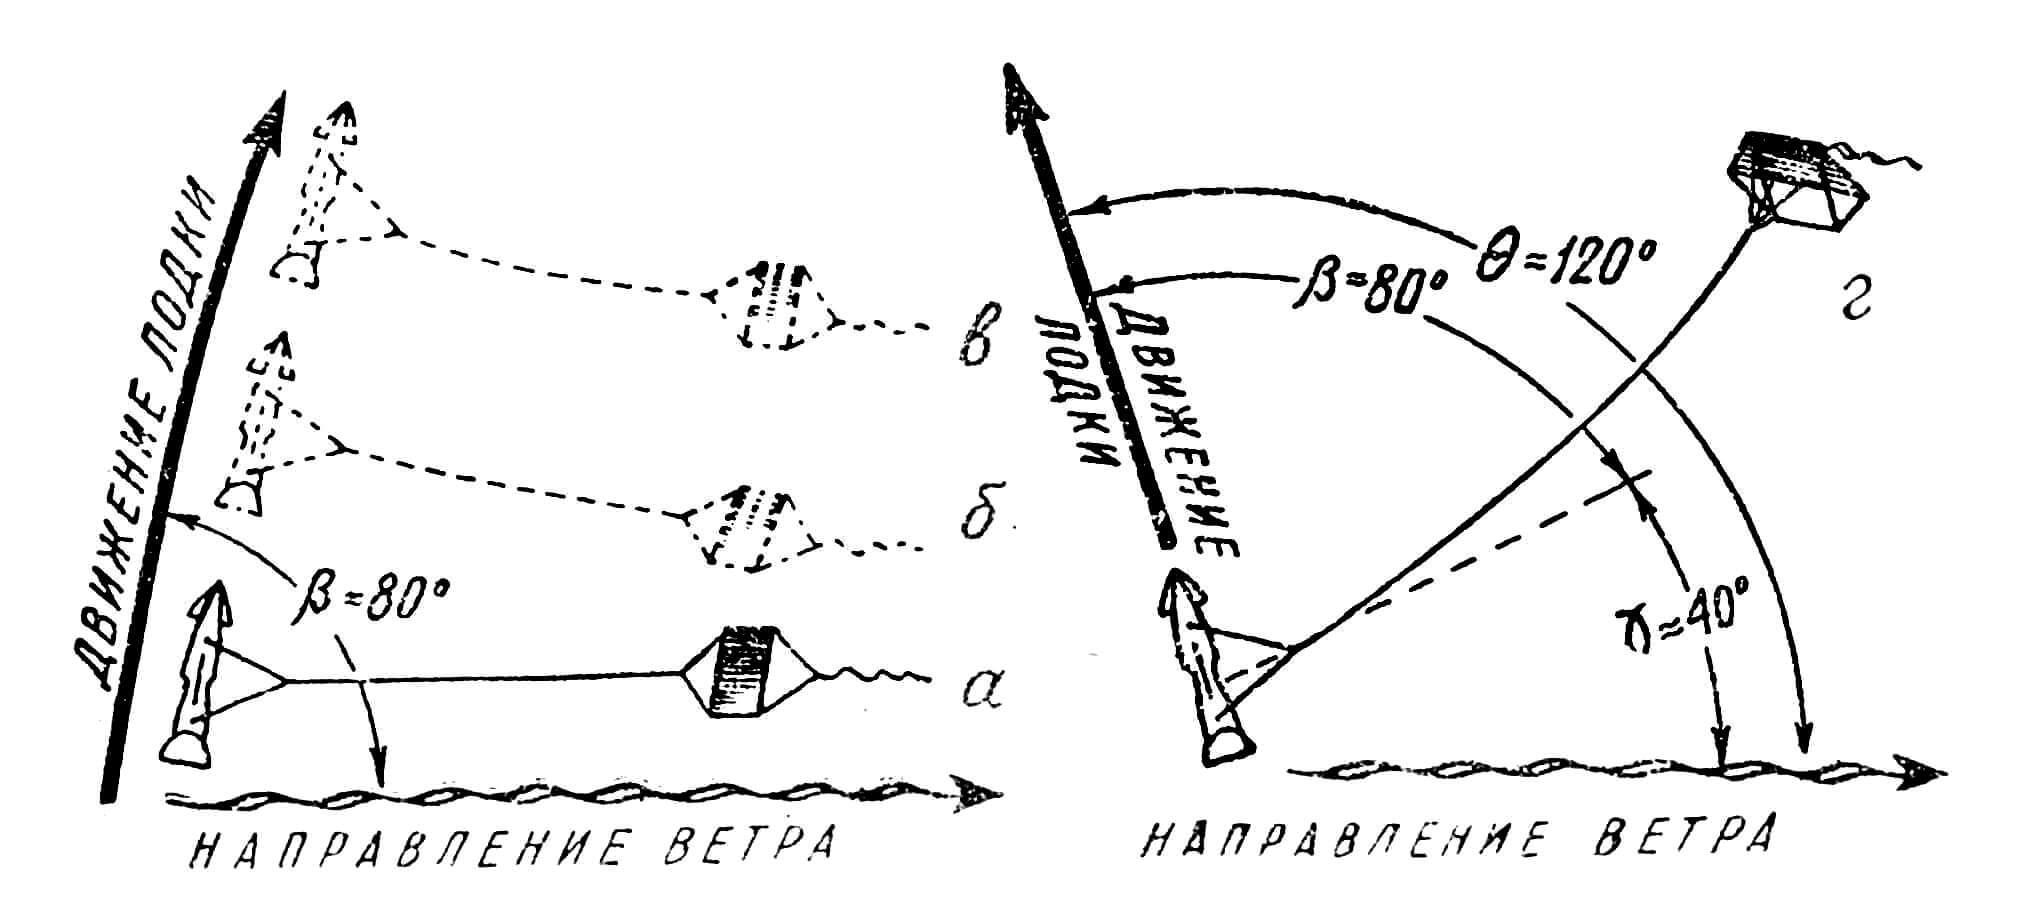 """Рис. 8. Движение лодки со змейковым парусом (вид сверху): а — перед пуском со змеем, имеющим обычную регулировку; б — в первый момент после пуска; в — установившееся движение происходит под углом около 75"""" к направлению ветра; г — со змеем, отклоняющимся на угол f от направления ветра, установившееся движение лодки происходит под углом около 120"""" от направления ветра."""